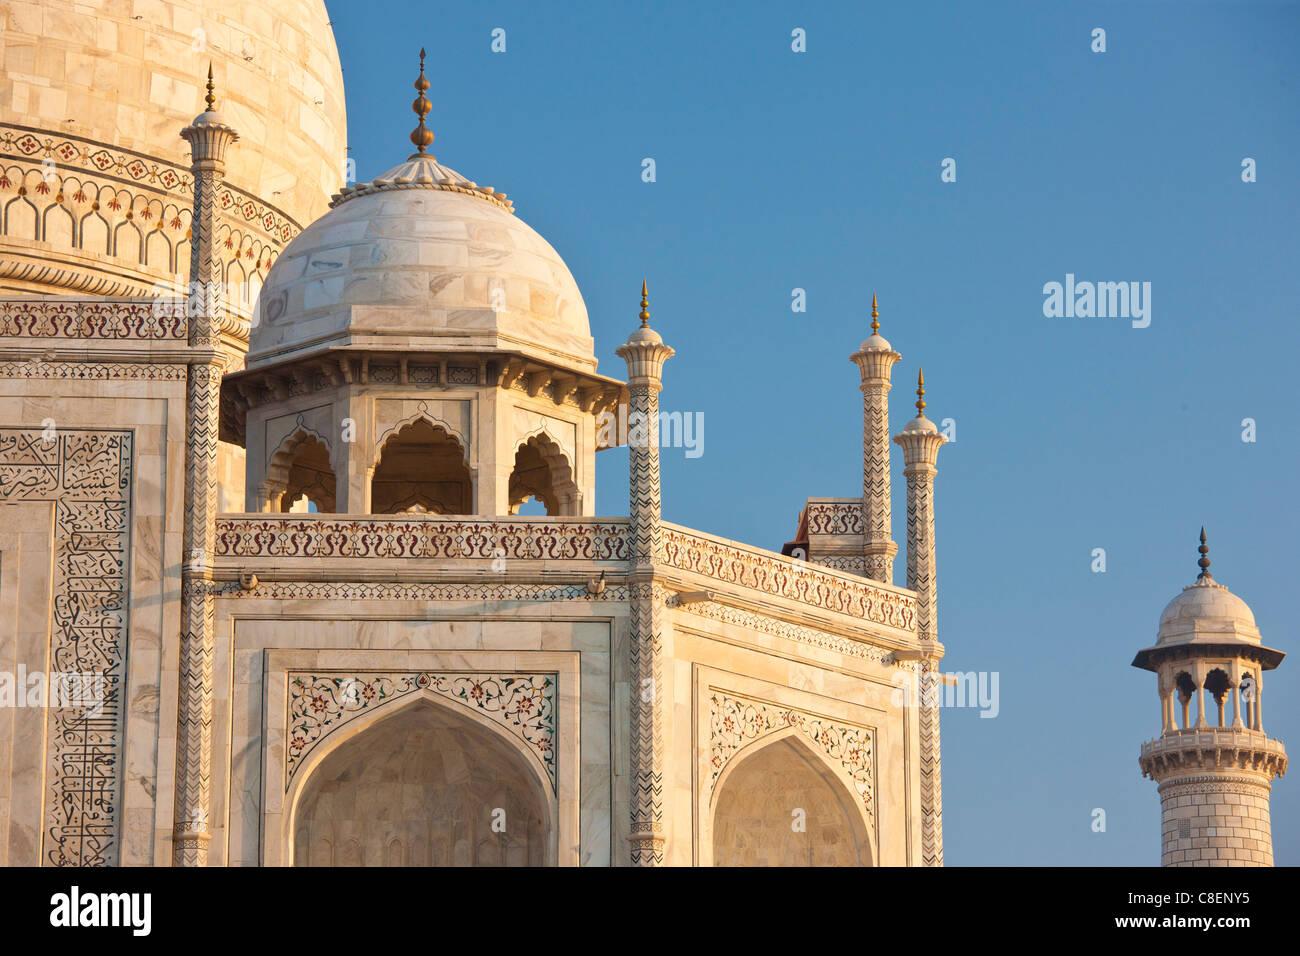 Das Taj Mahal Mausoleum westliche Ansicht Detail, Uttar Pradesh, Indien Stockbild